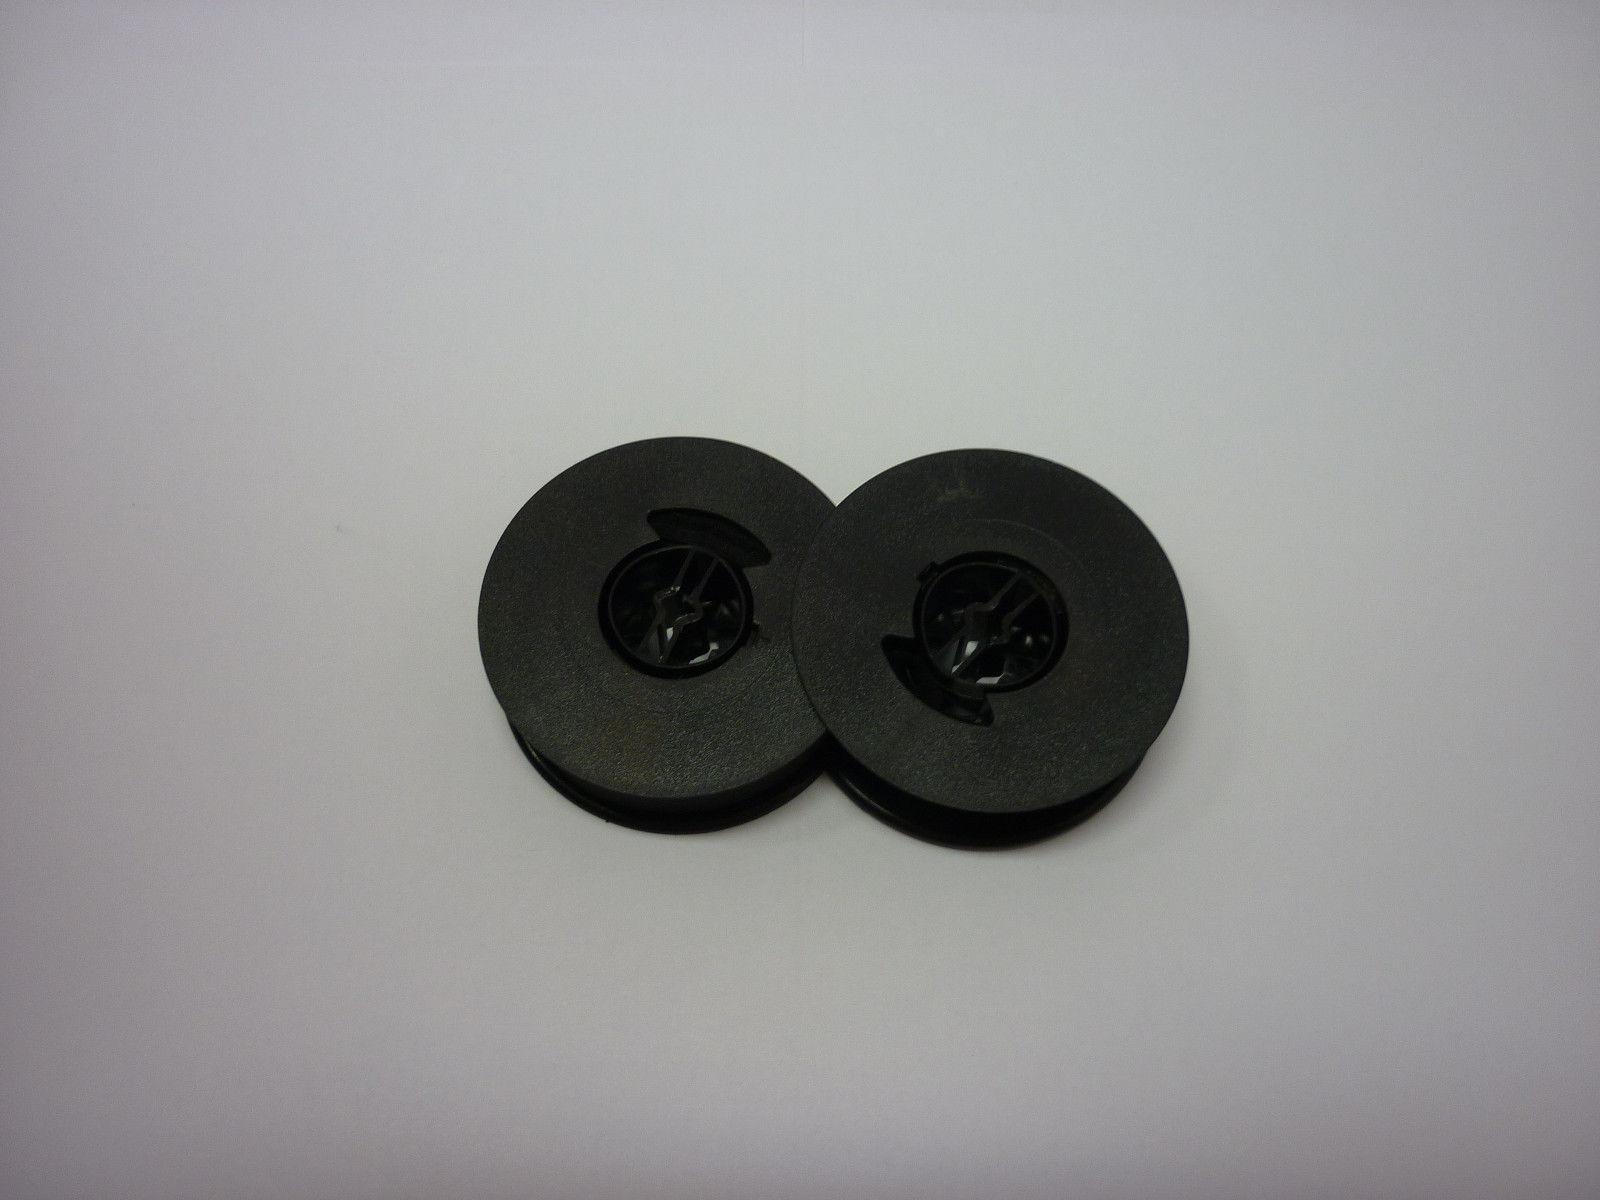 Olivetti Lettera 21 Typewriter Ribbon Black Twin Spool (2 Pack)